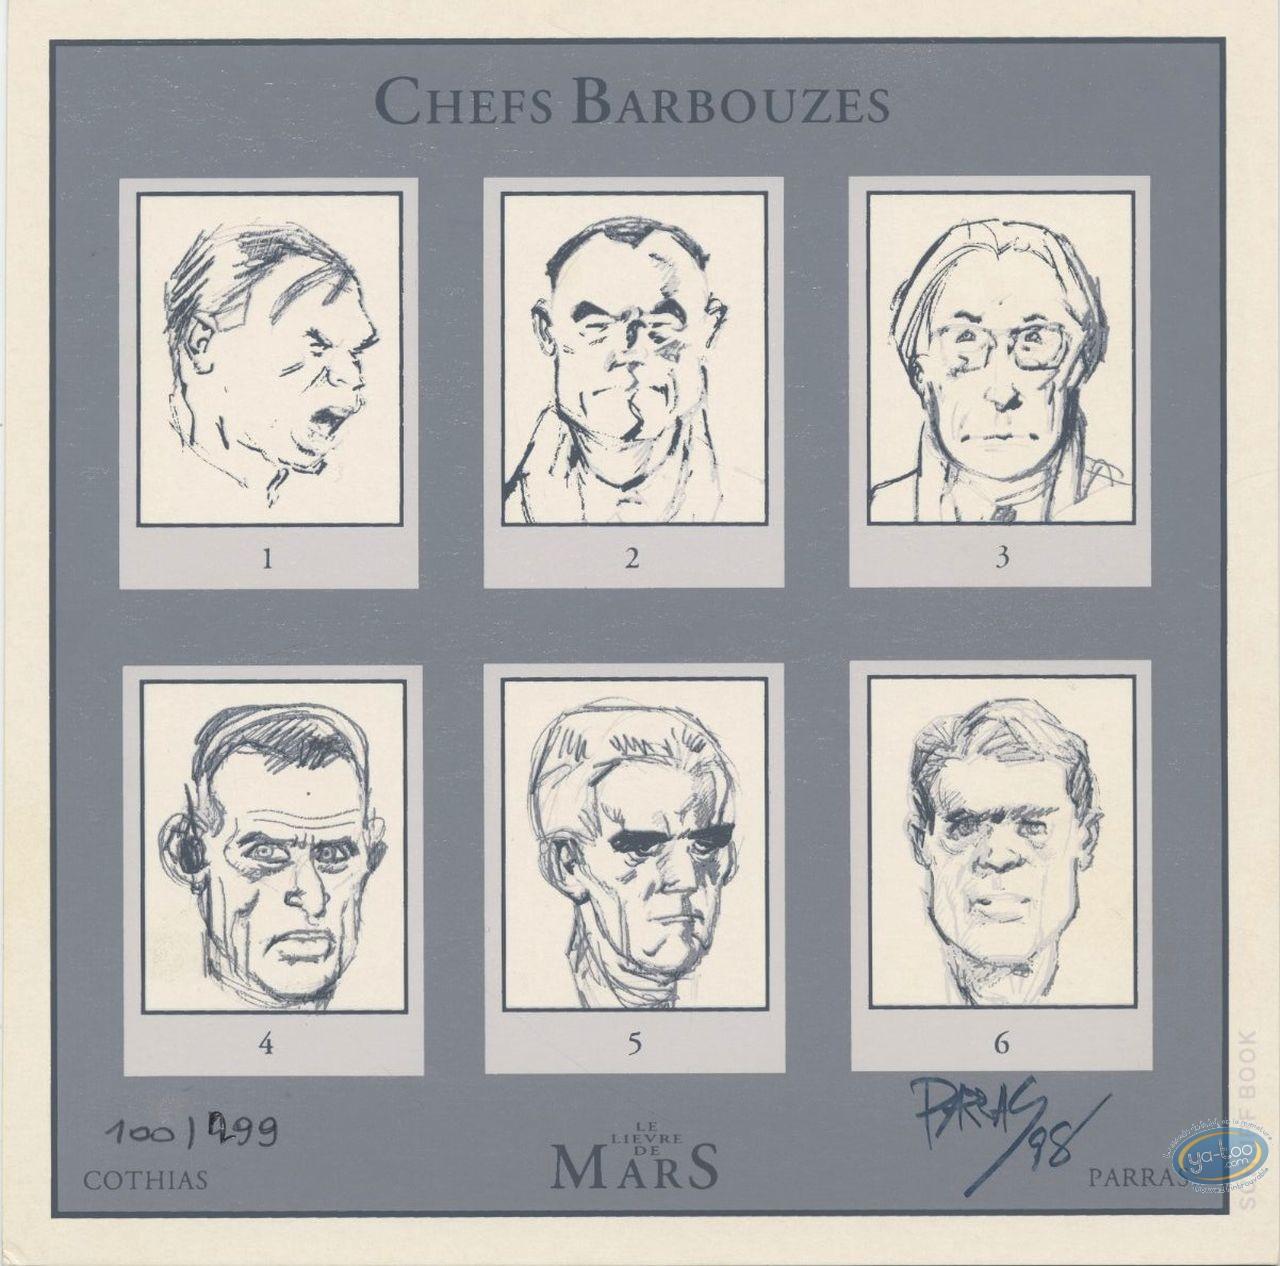 Ex-libris Sérigraphie, Lièvre de Mars (Le) : Chefs Barbouzes